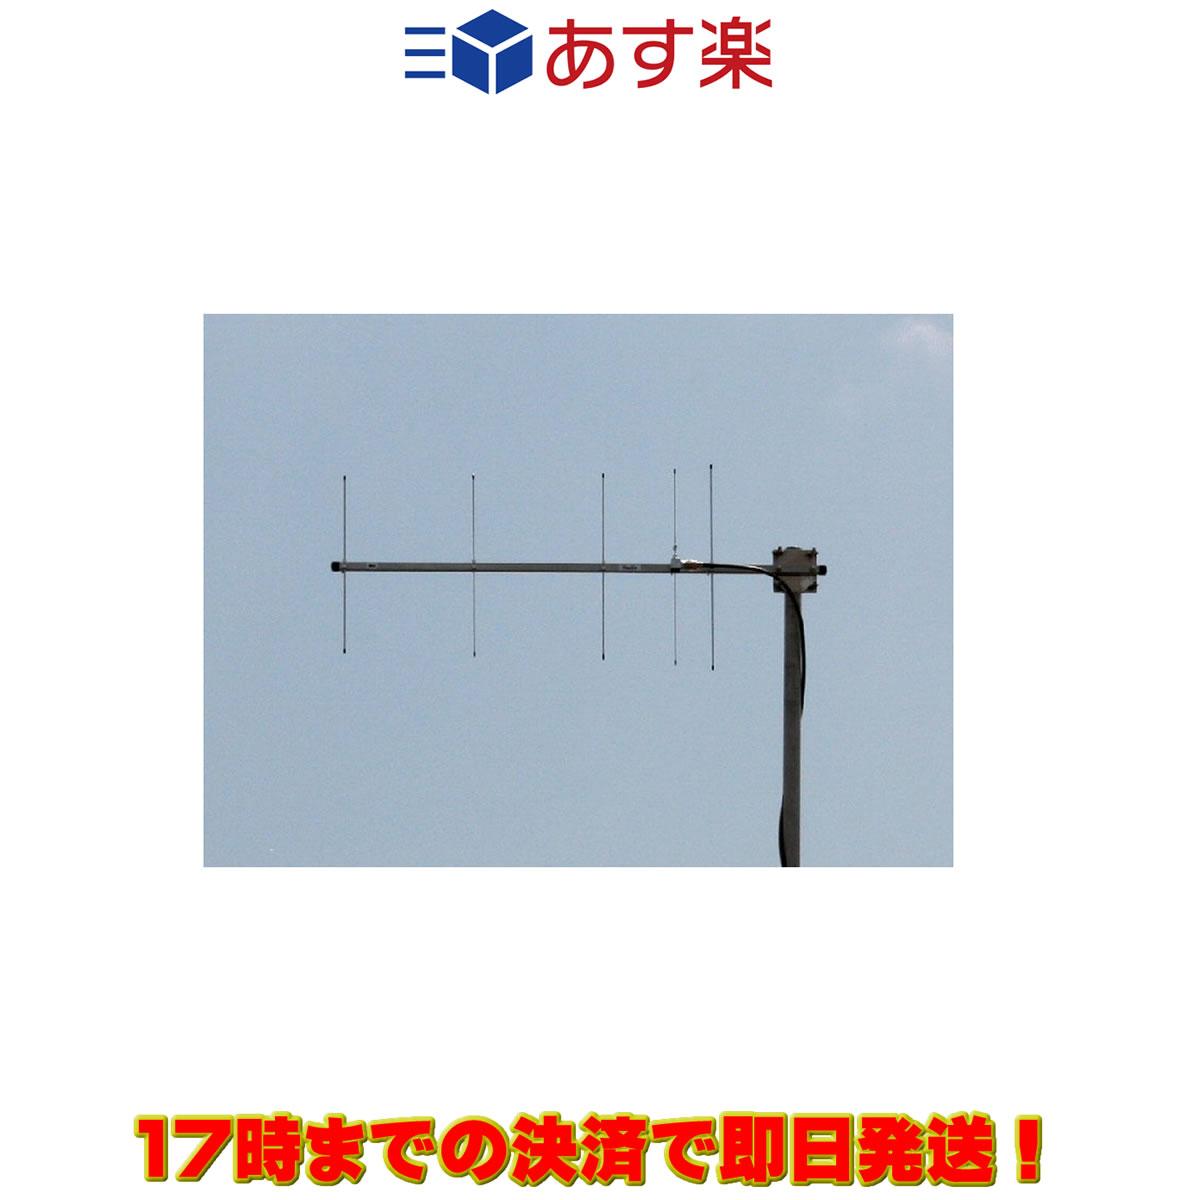 ブーム長 1m 5素子八木アンテナ RPY-351M5 人気の製品 351MHz デジタル簡易無線用 新作 ラディックス